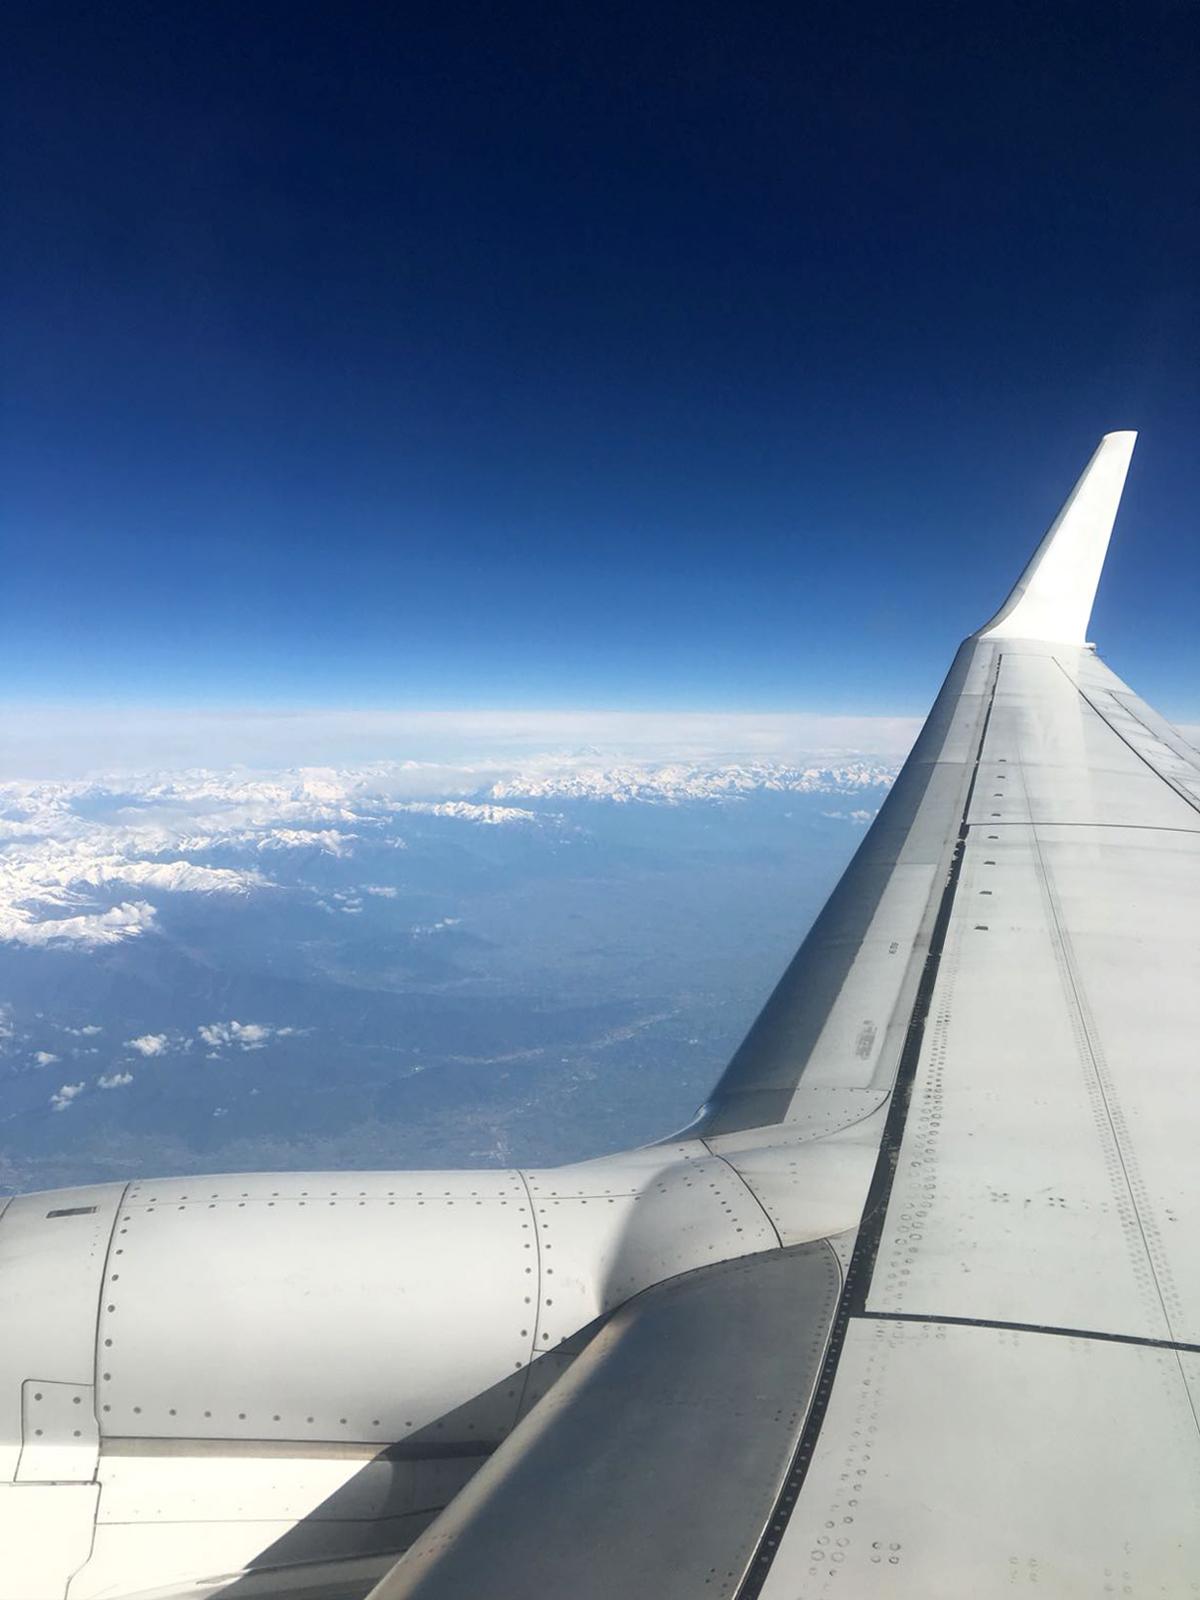 43a7e08a13f8 I migliori siti per cercare voli low cost